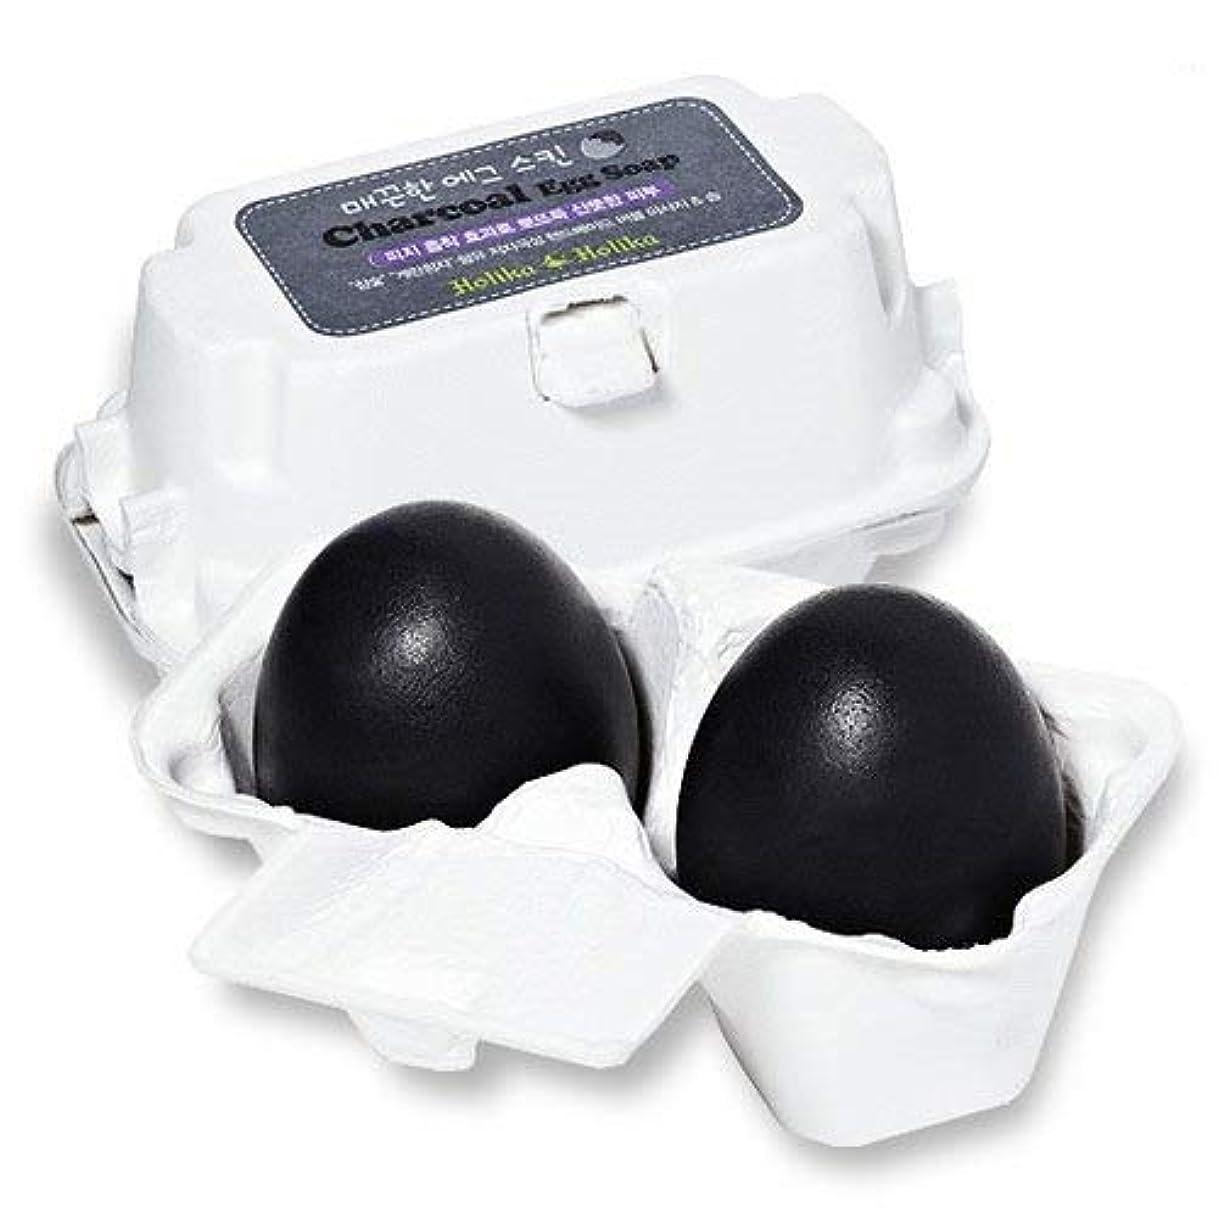 [堅炭/Charcoal] Holika Holika Egg Skin Egg Soap ホリカホリカ エッグスキン エッグソープ (50g*2個) [並行輸入品]